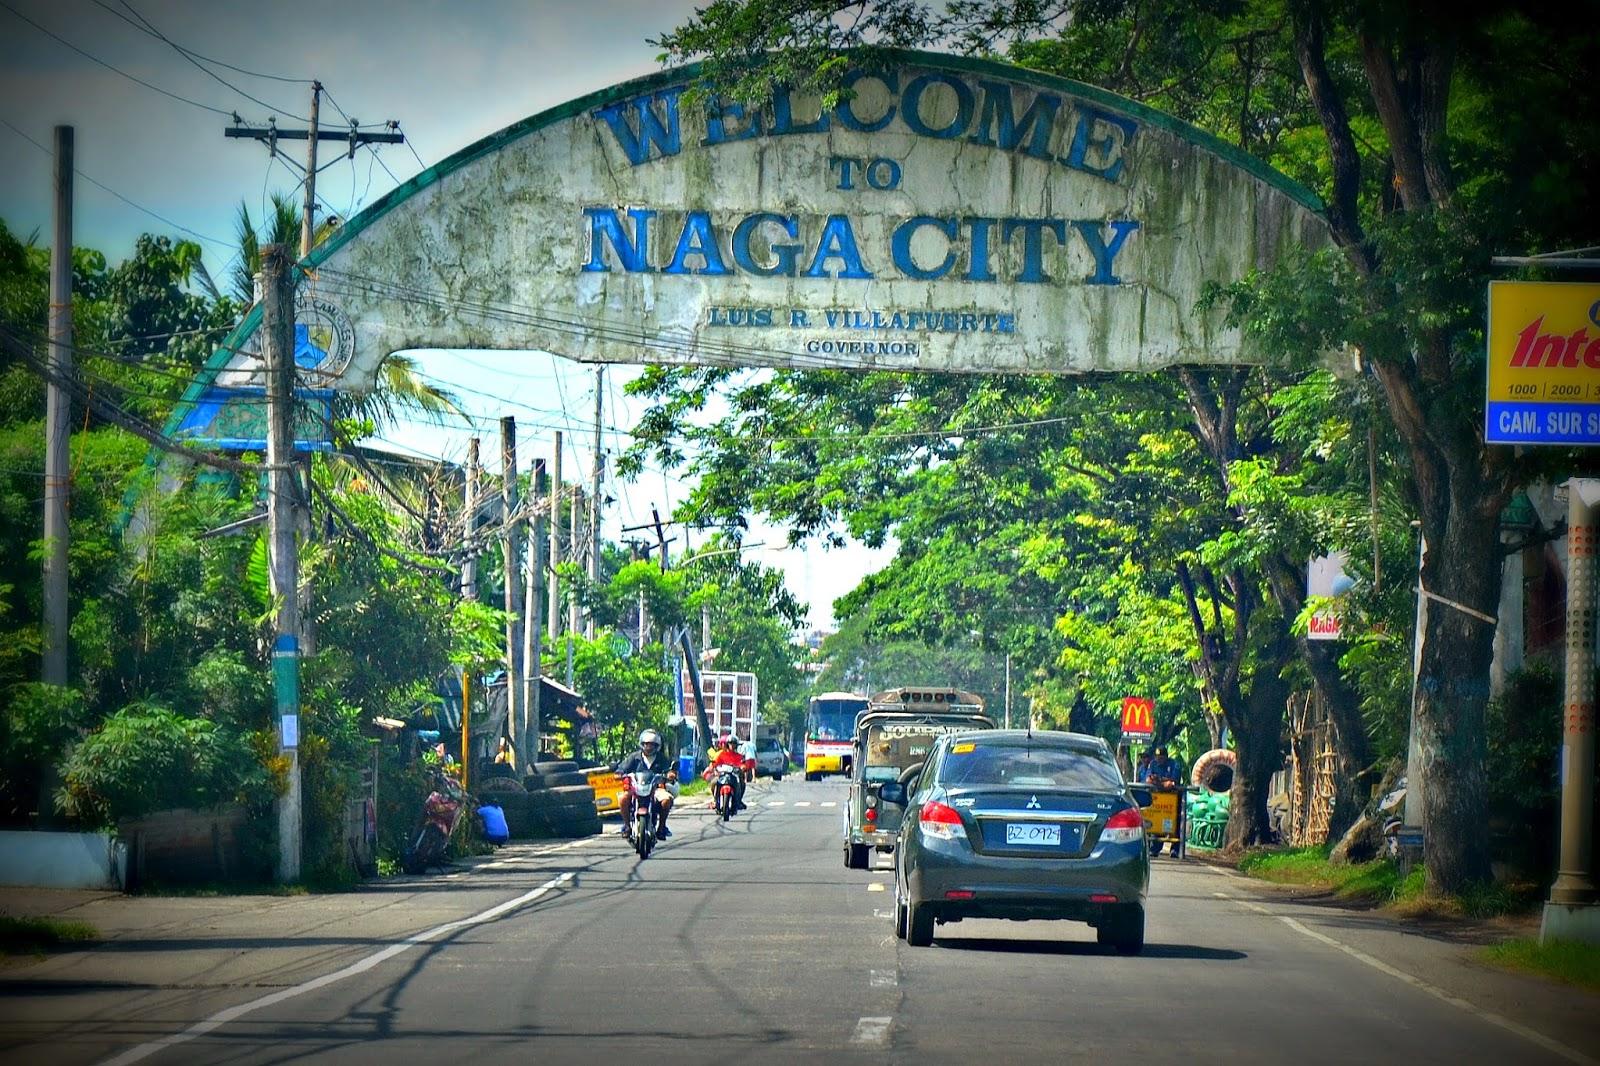 Naga city camarines sur